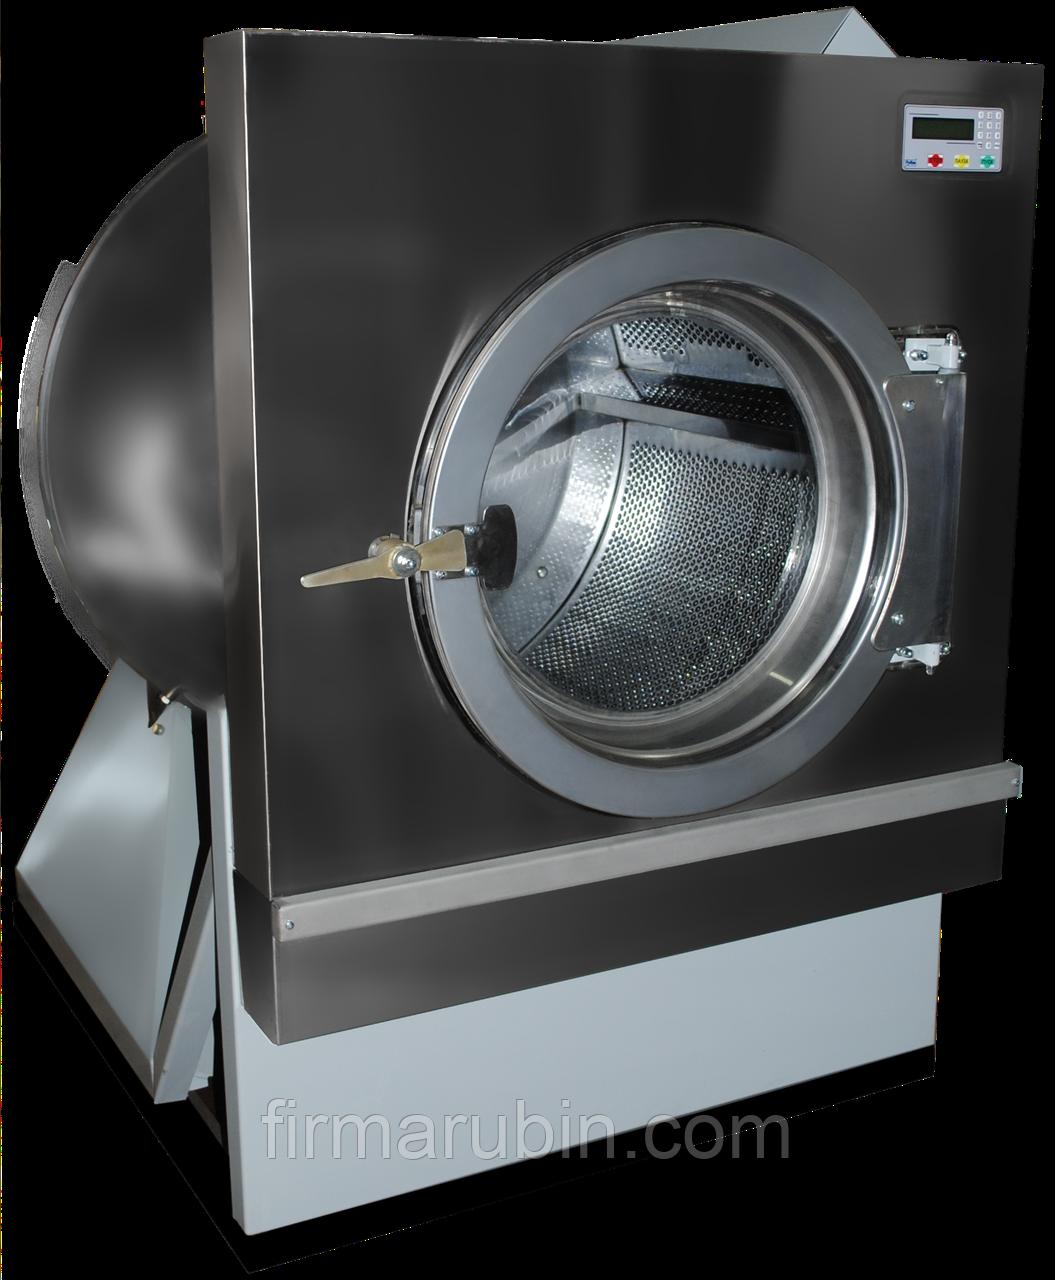 Промышленная стиральная машина СТ501